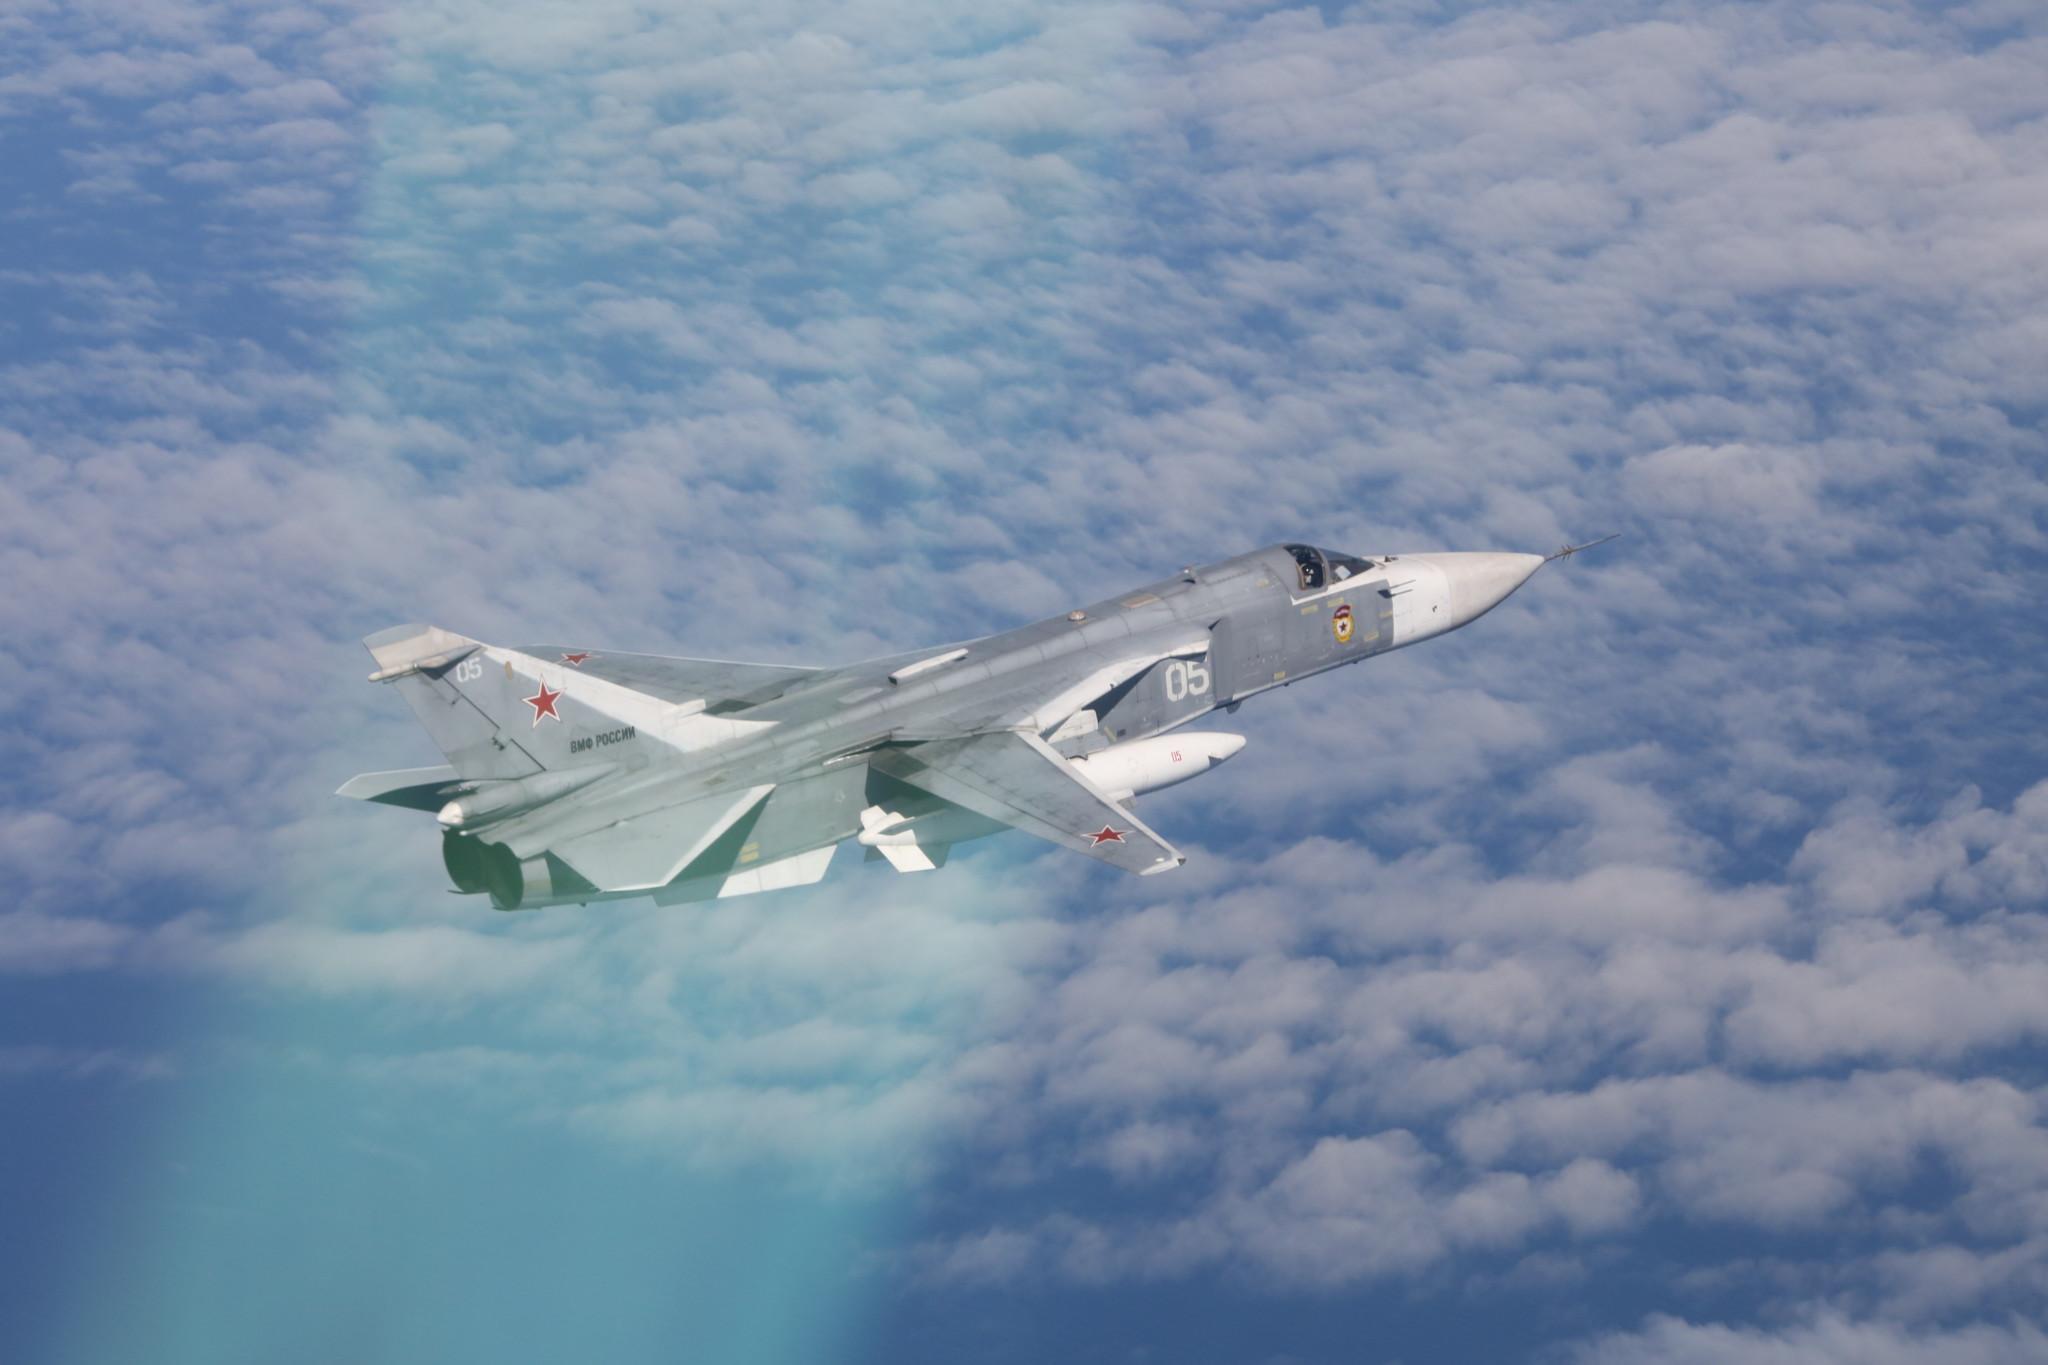 Én uke: Avskar 18 russiske fly